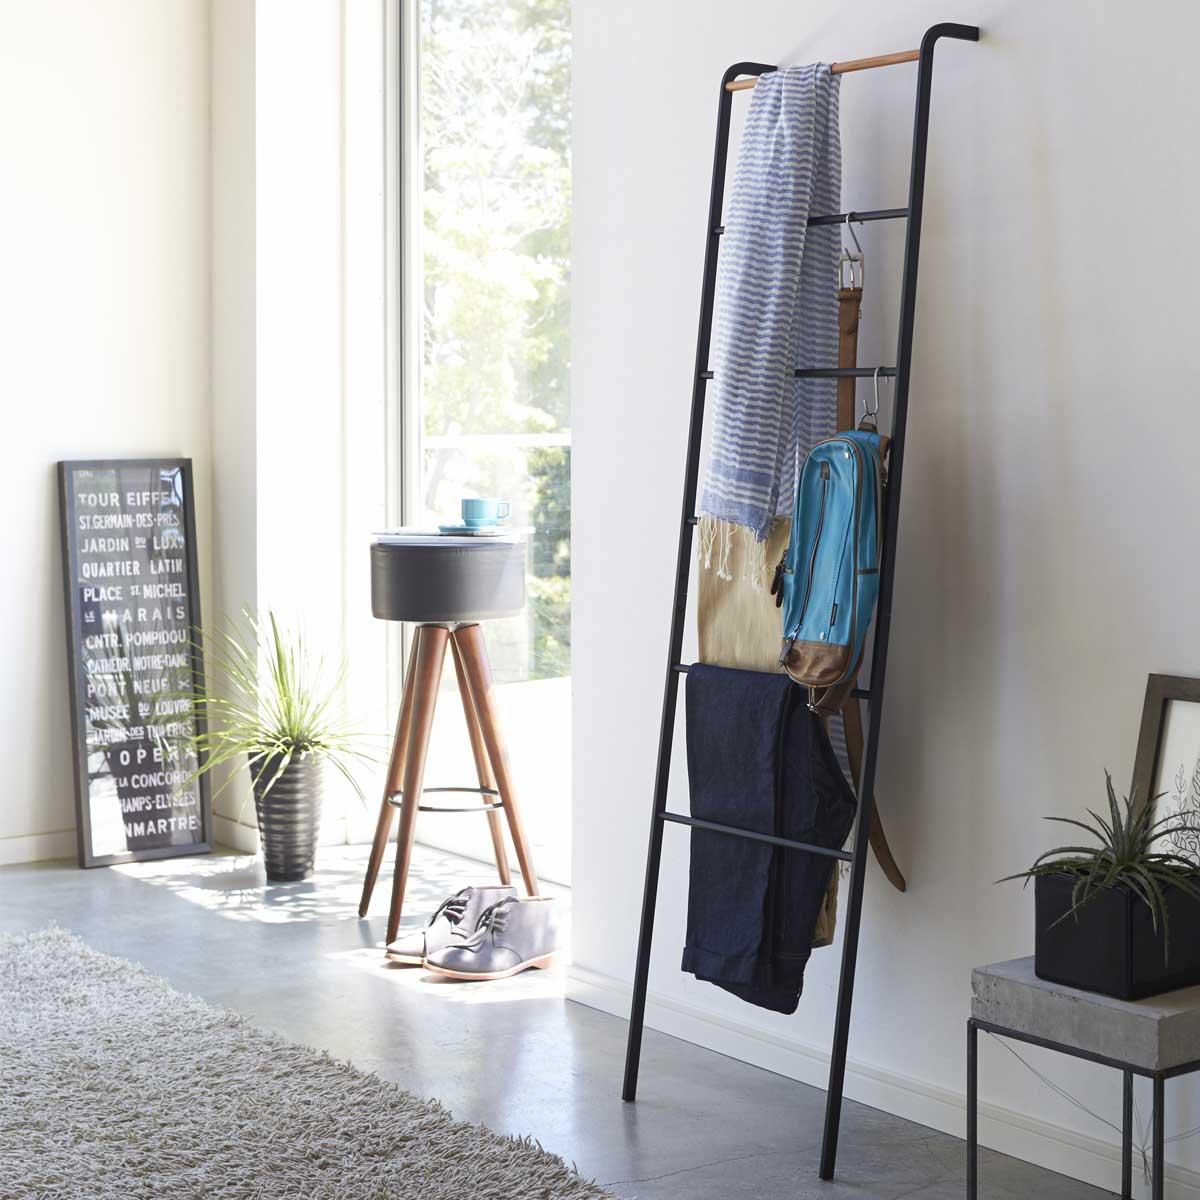 echelle porte v tements design. Black Bedroom Furniture Sets. Home Design Ideas